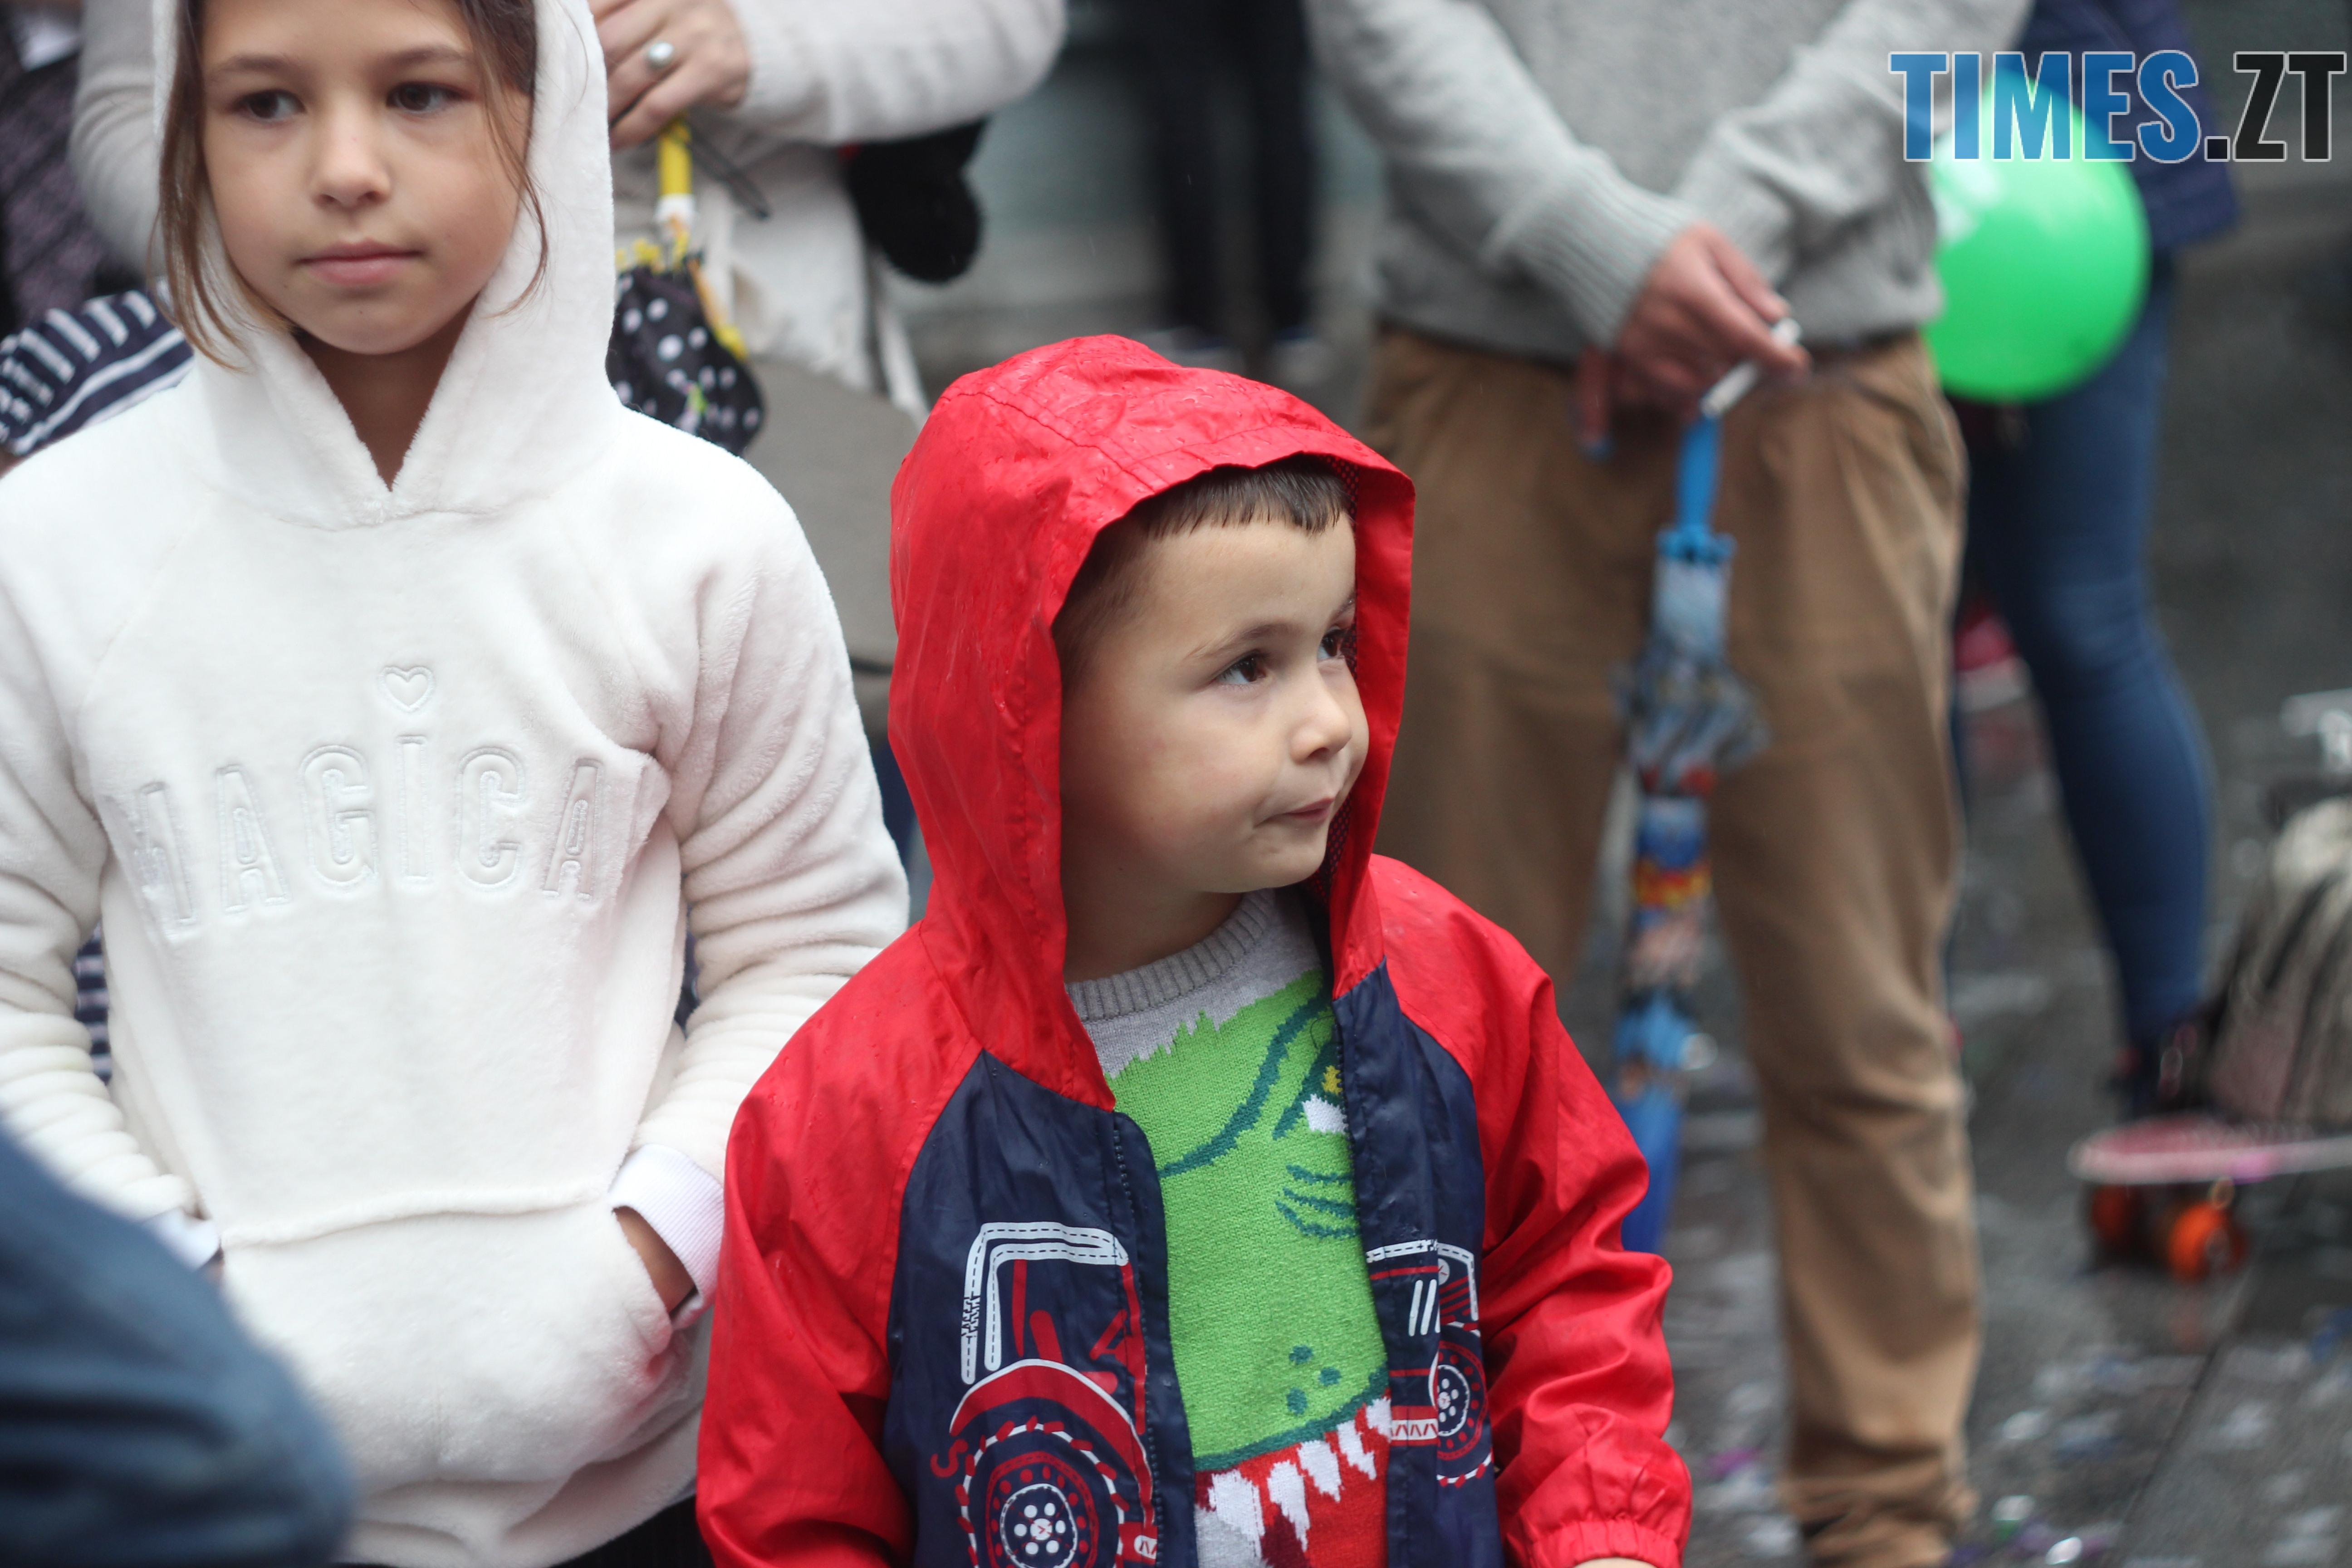 IMG 9699 - Дитячі розваги на Михайлівській: маленькі житомиряни святкують День міста (ФОТО)